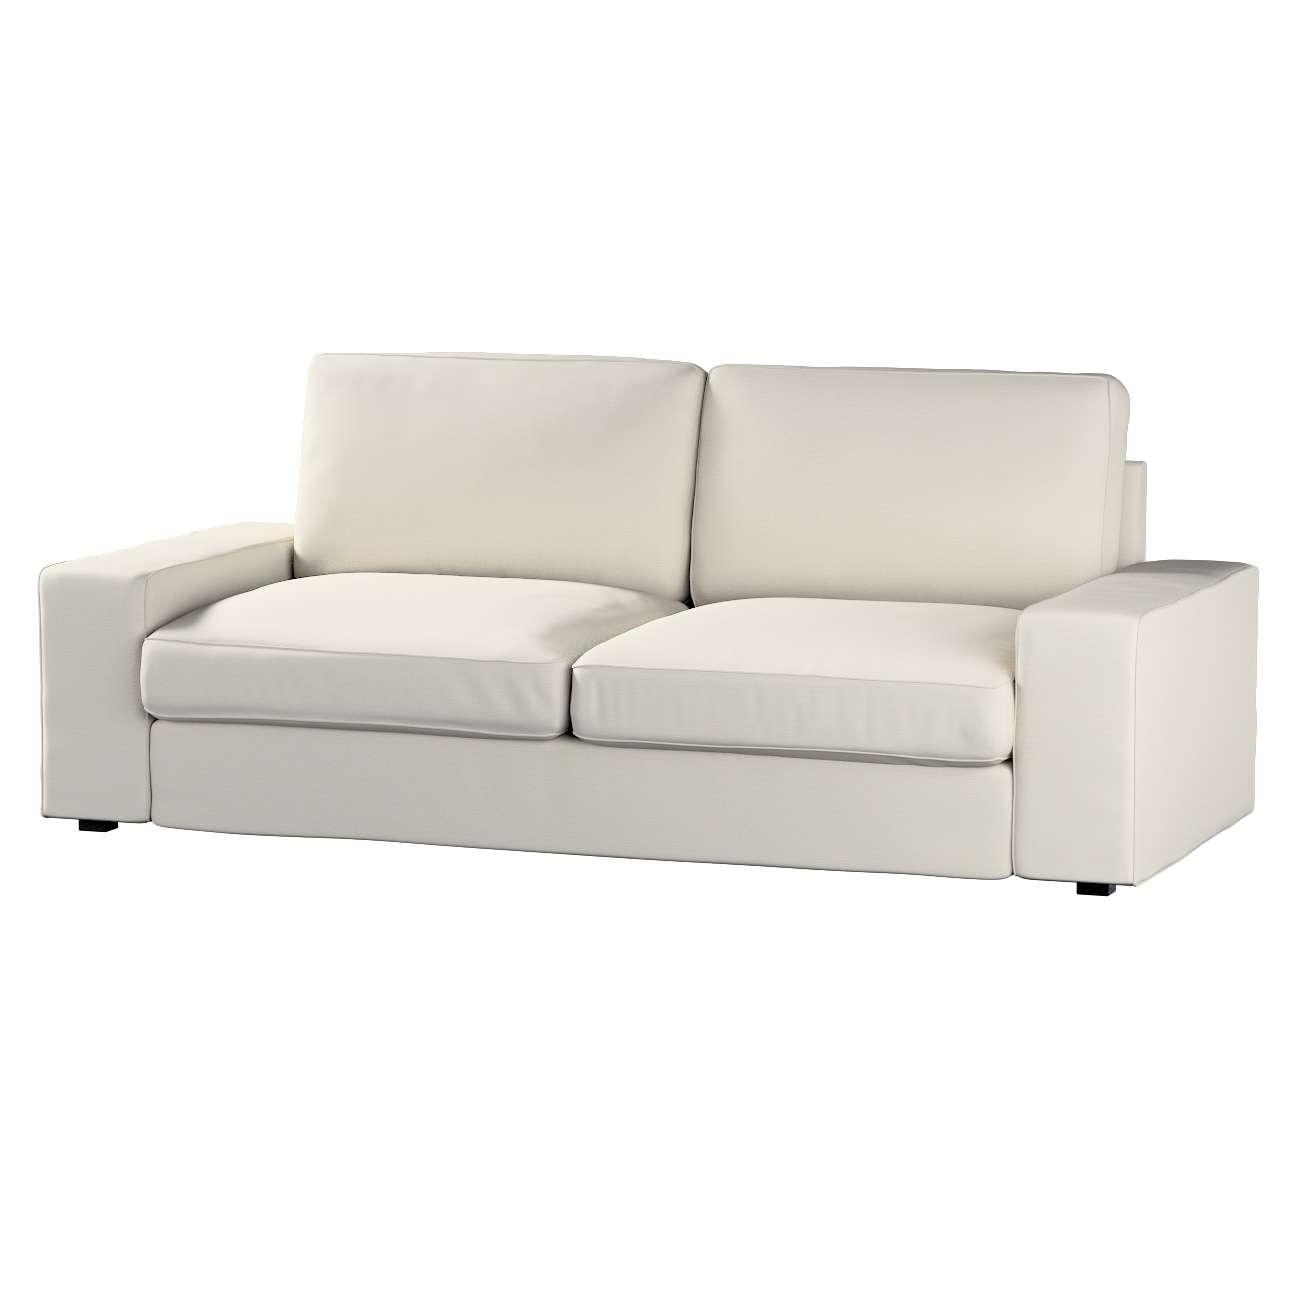 KIVIK trivietės sofos užvalkalas Kivik 3-seat sofa kolekcijoje Cotton Panama, audinys: 702-31